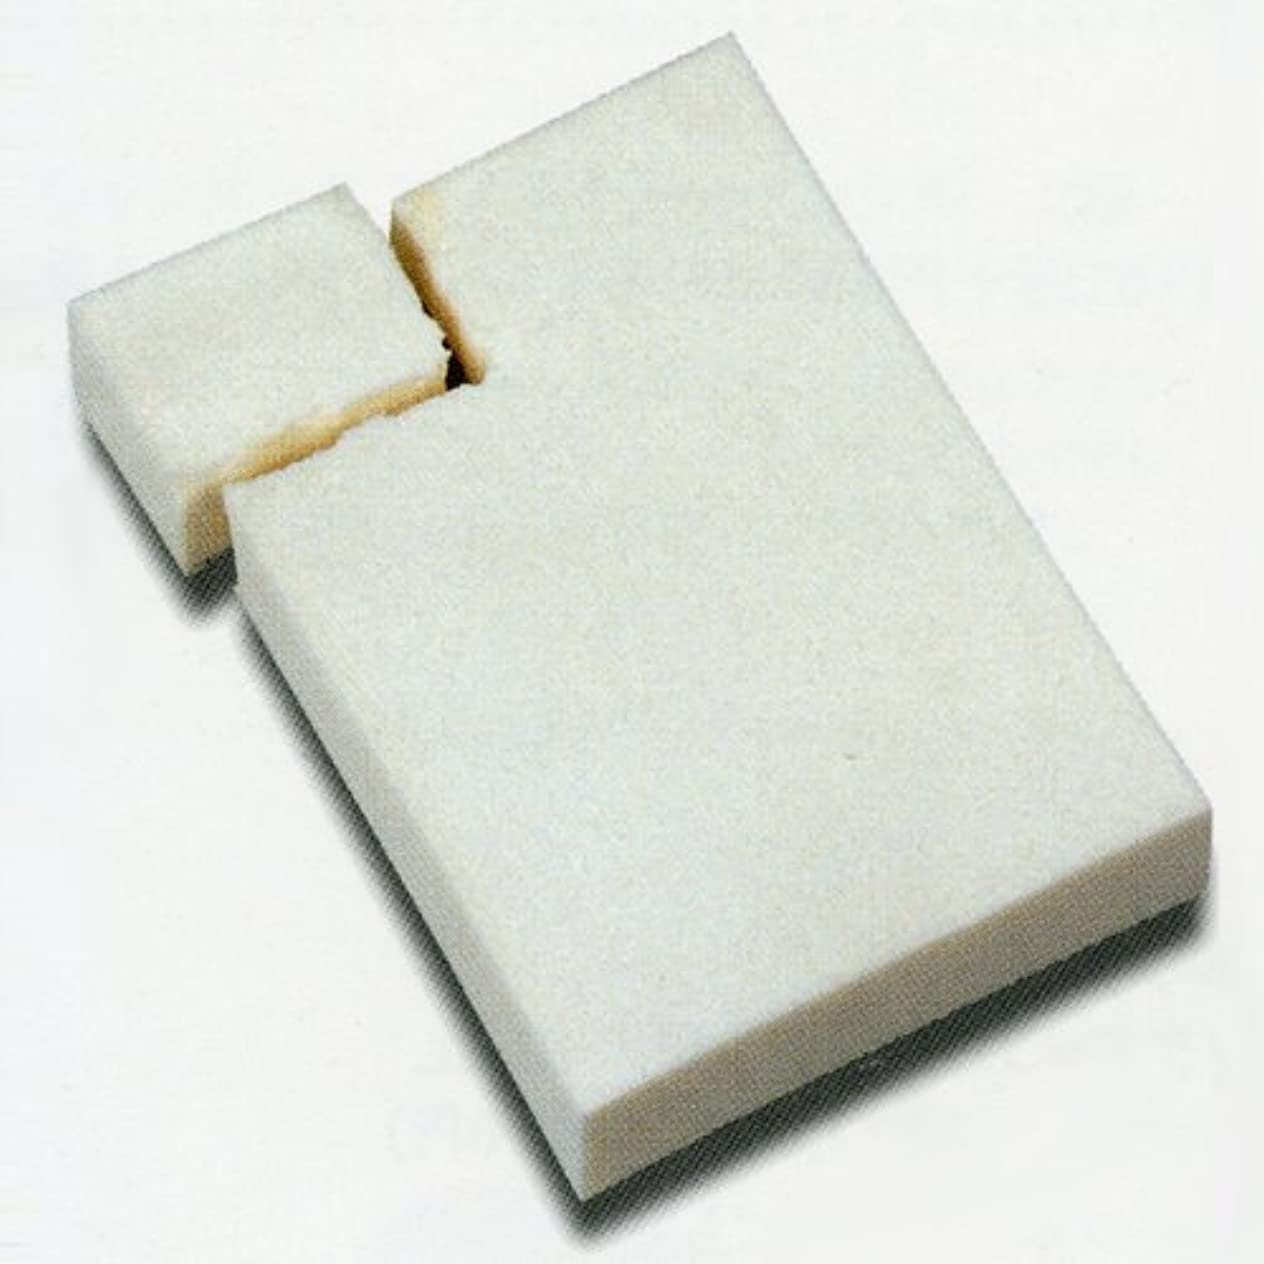 グリーンバックシンプルなダイヤモンド舞台屋 エバーソフト